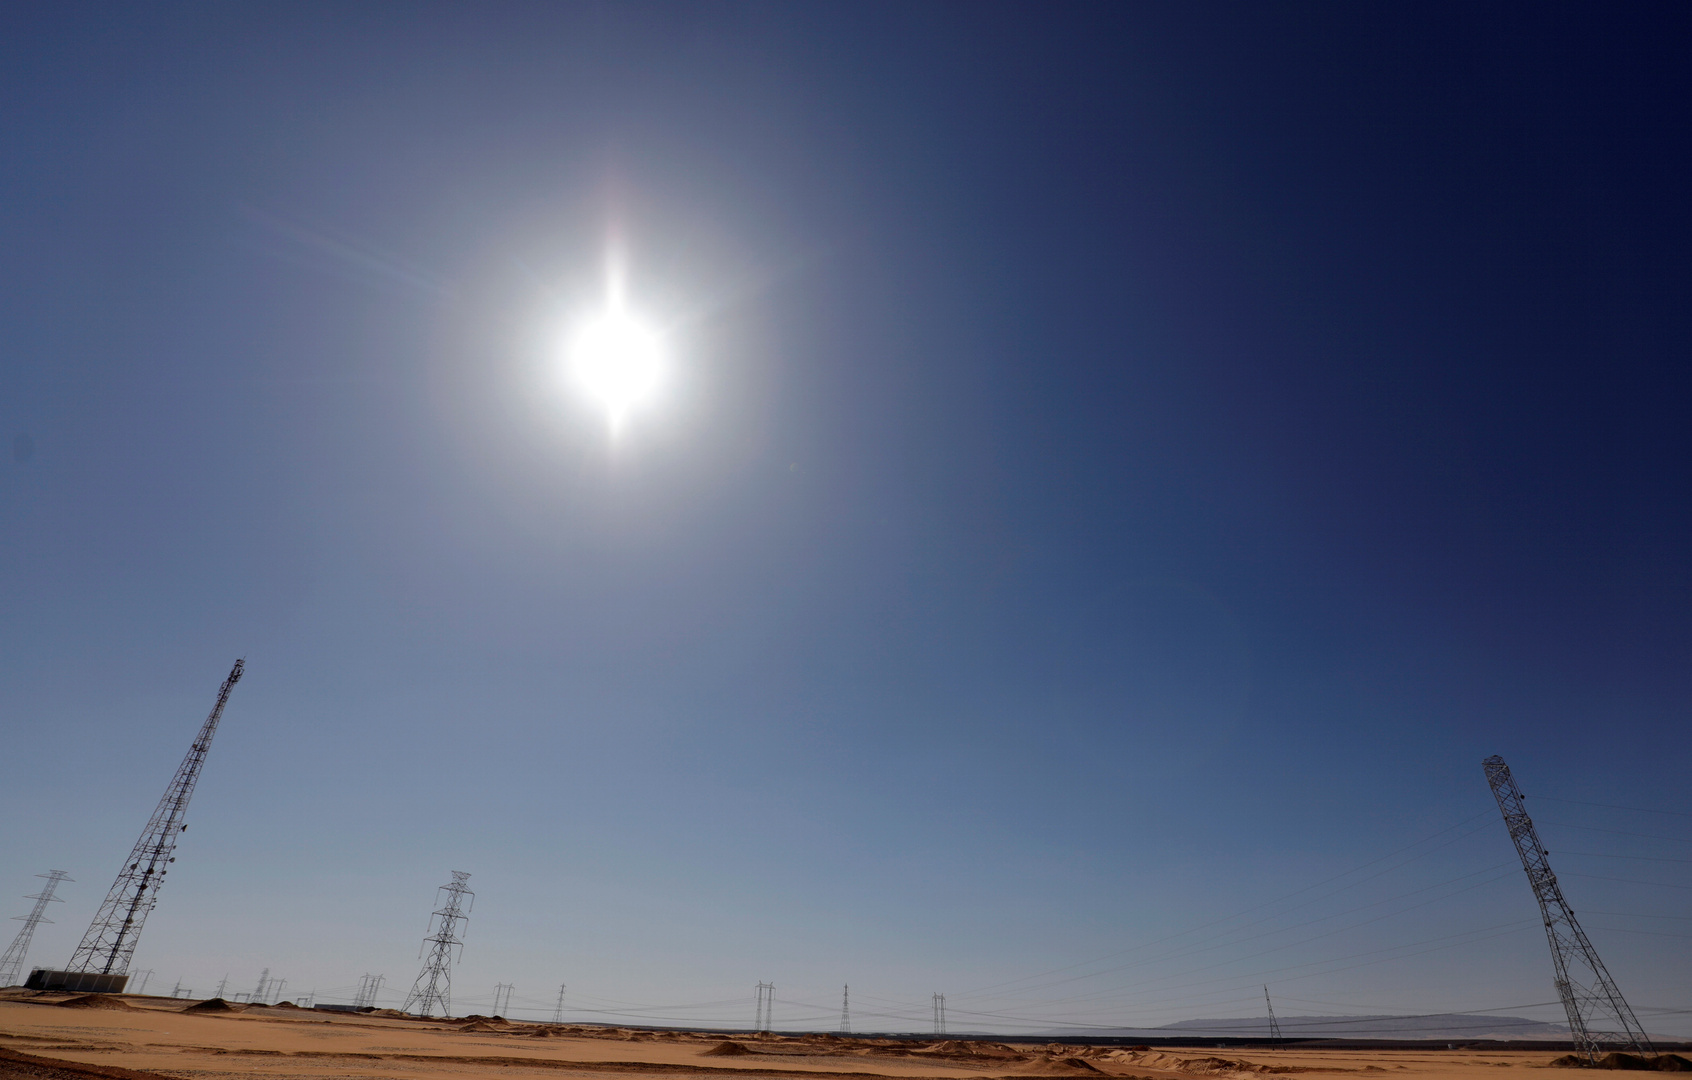 مصر تسعى لامتلاك شبكة كهربائية الأولى من نوعها في الشرق الأوسط